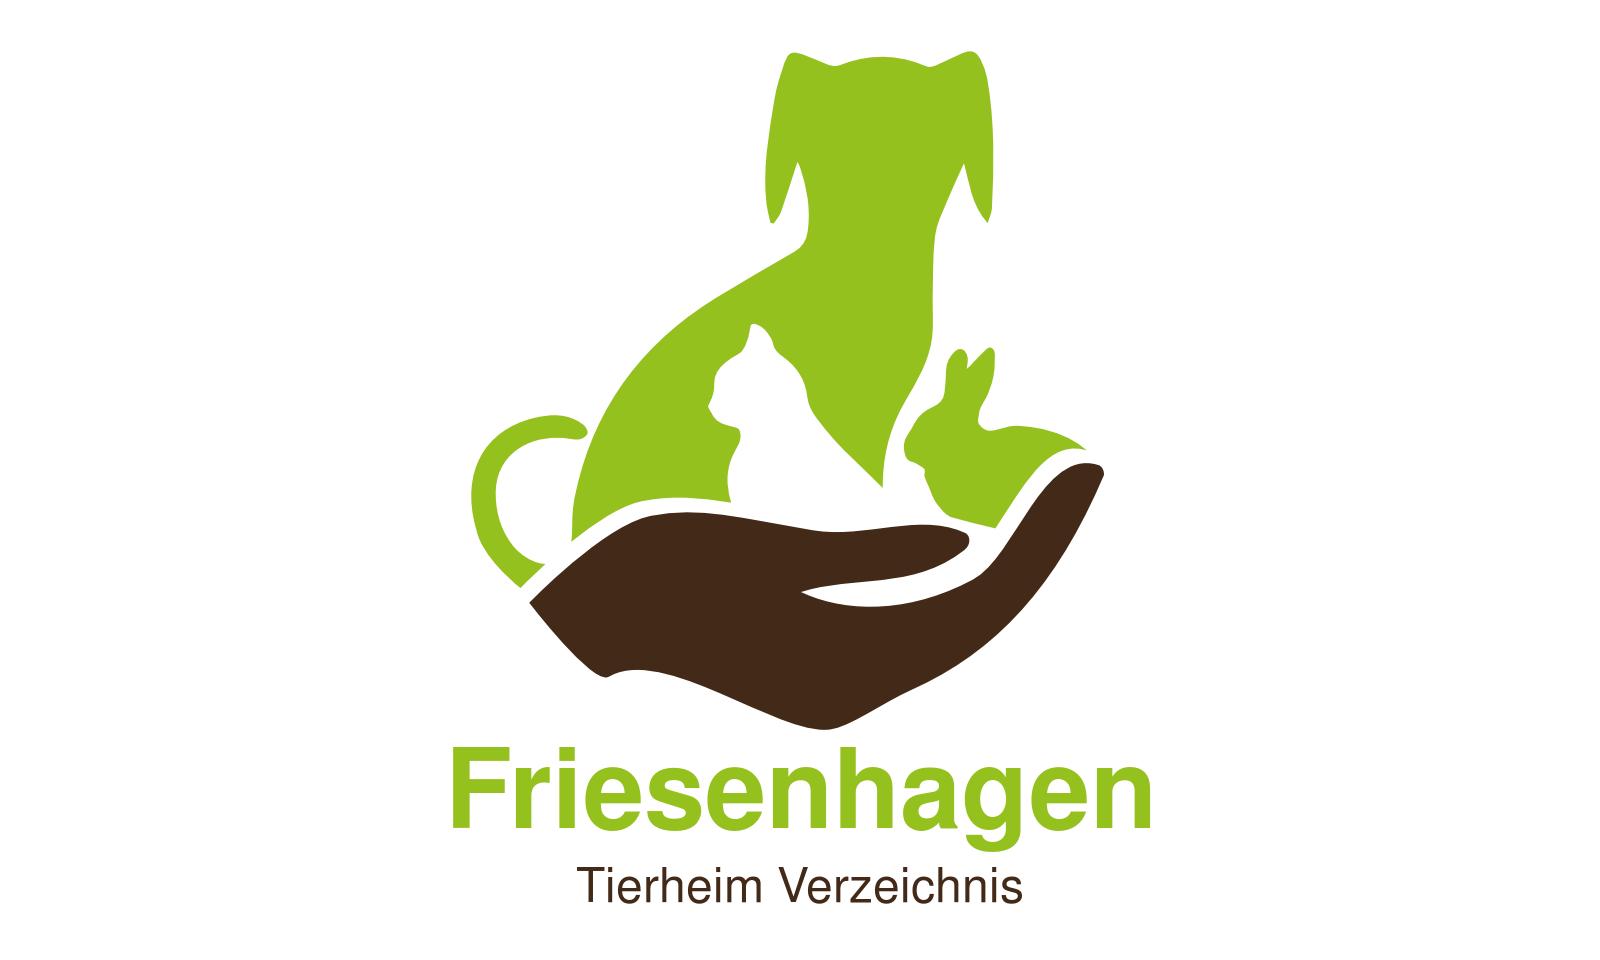 Tierheim Friesenhagen